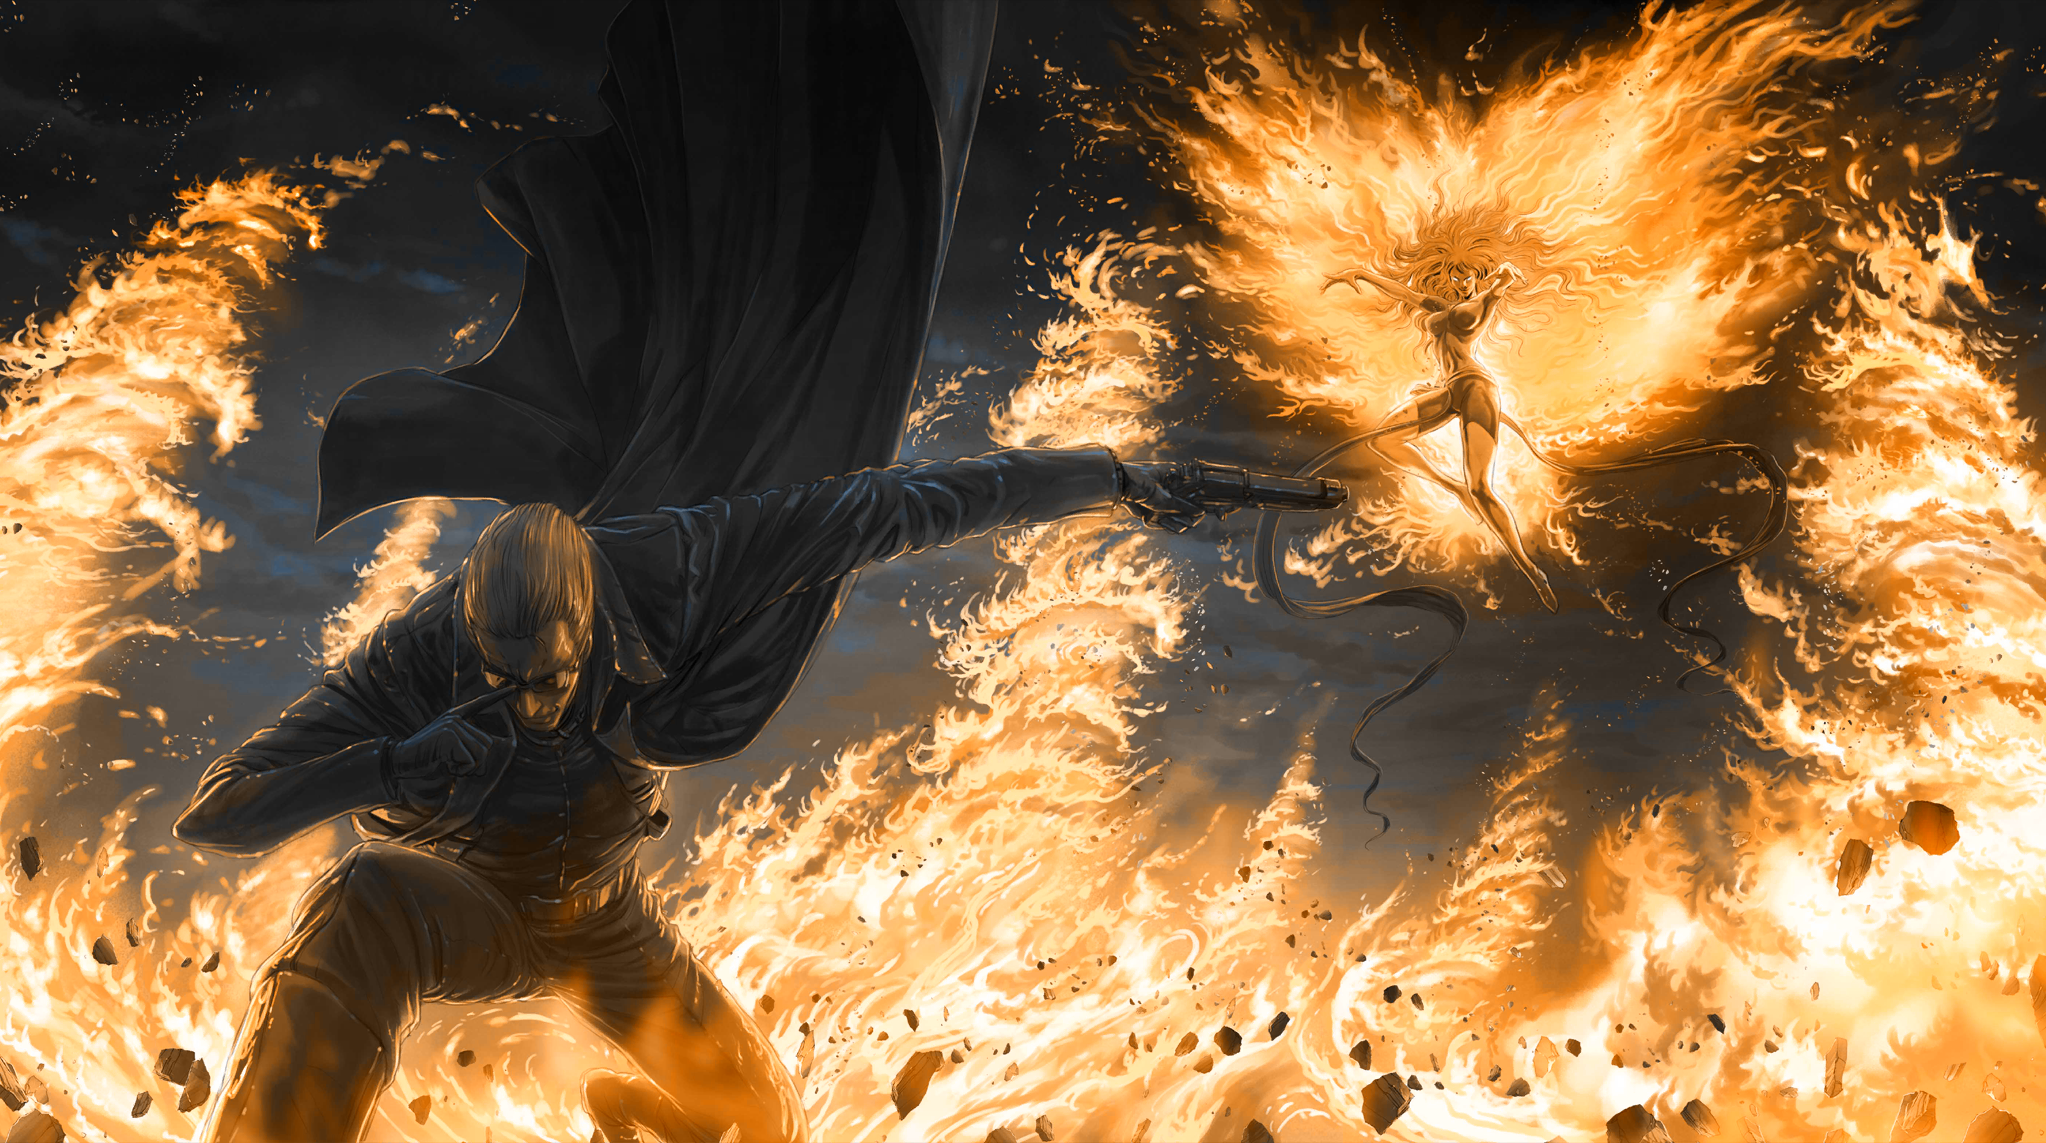 Ultimate Marvel Vs Capcom Phoenix Fire Wallpaper 2046x1143